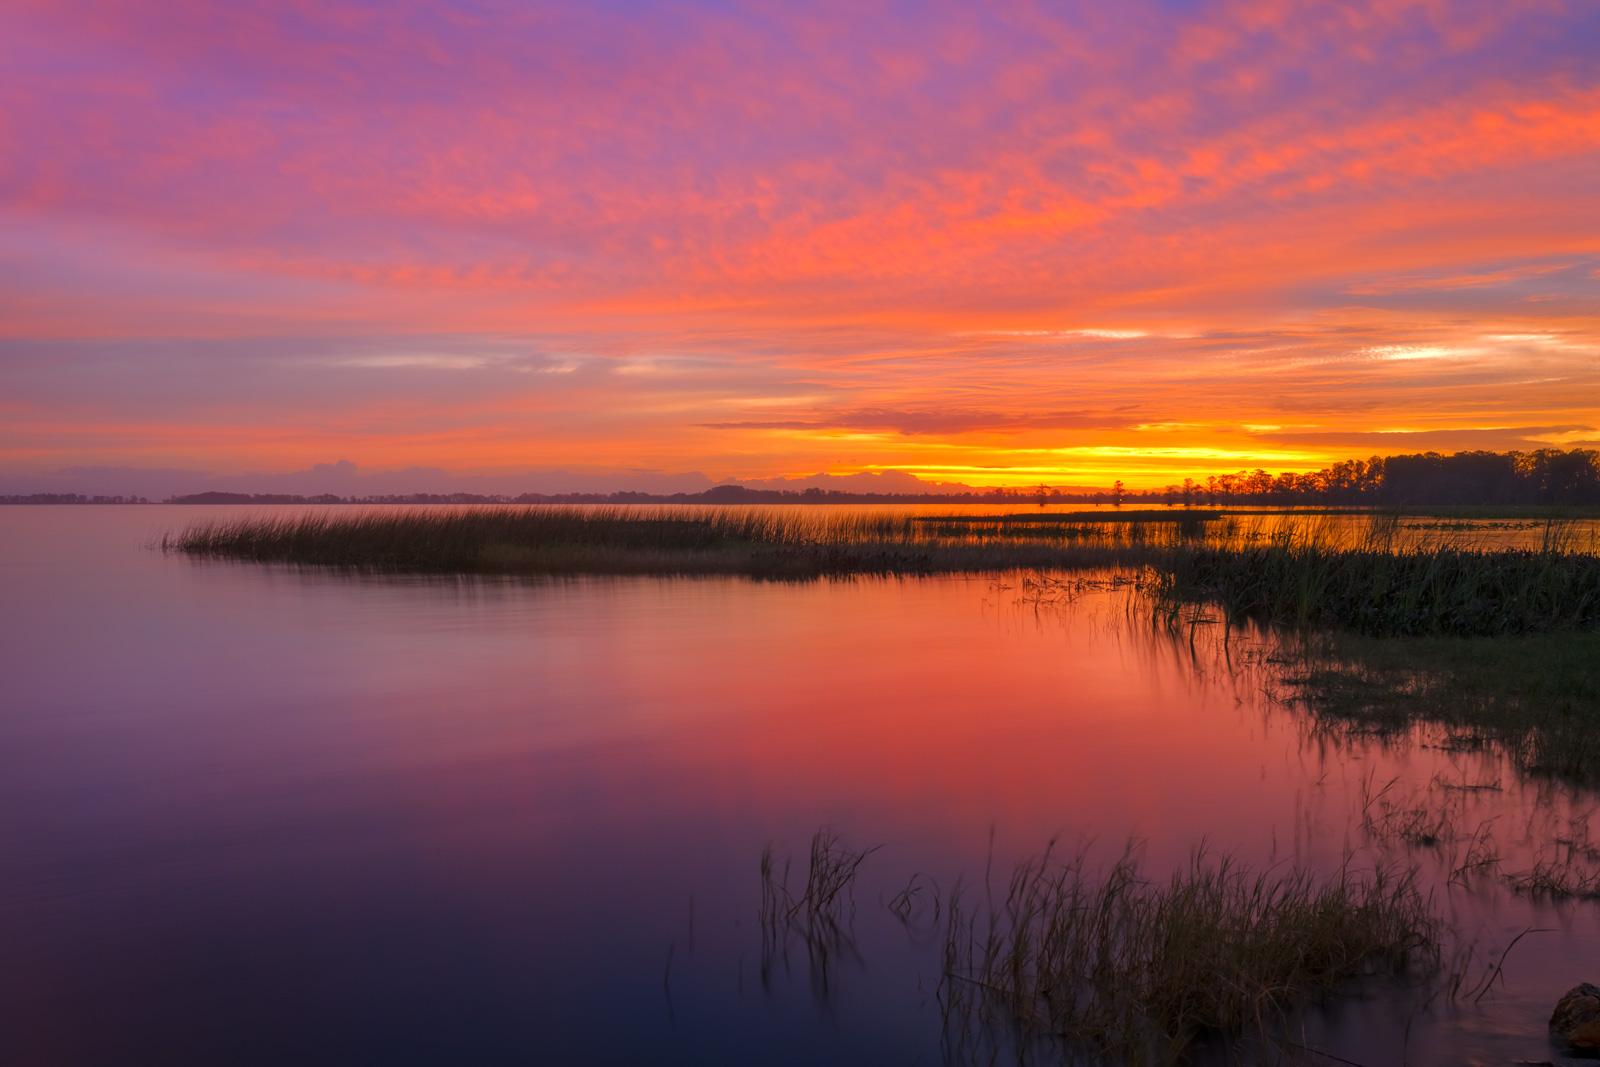 Florida, Lake, Istokpoga, Sunrise, Reflection, limited edition, photograph, fine art, landscape, photo